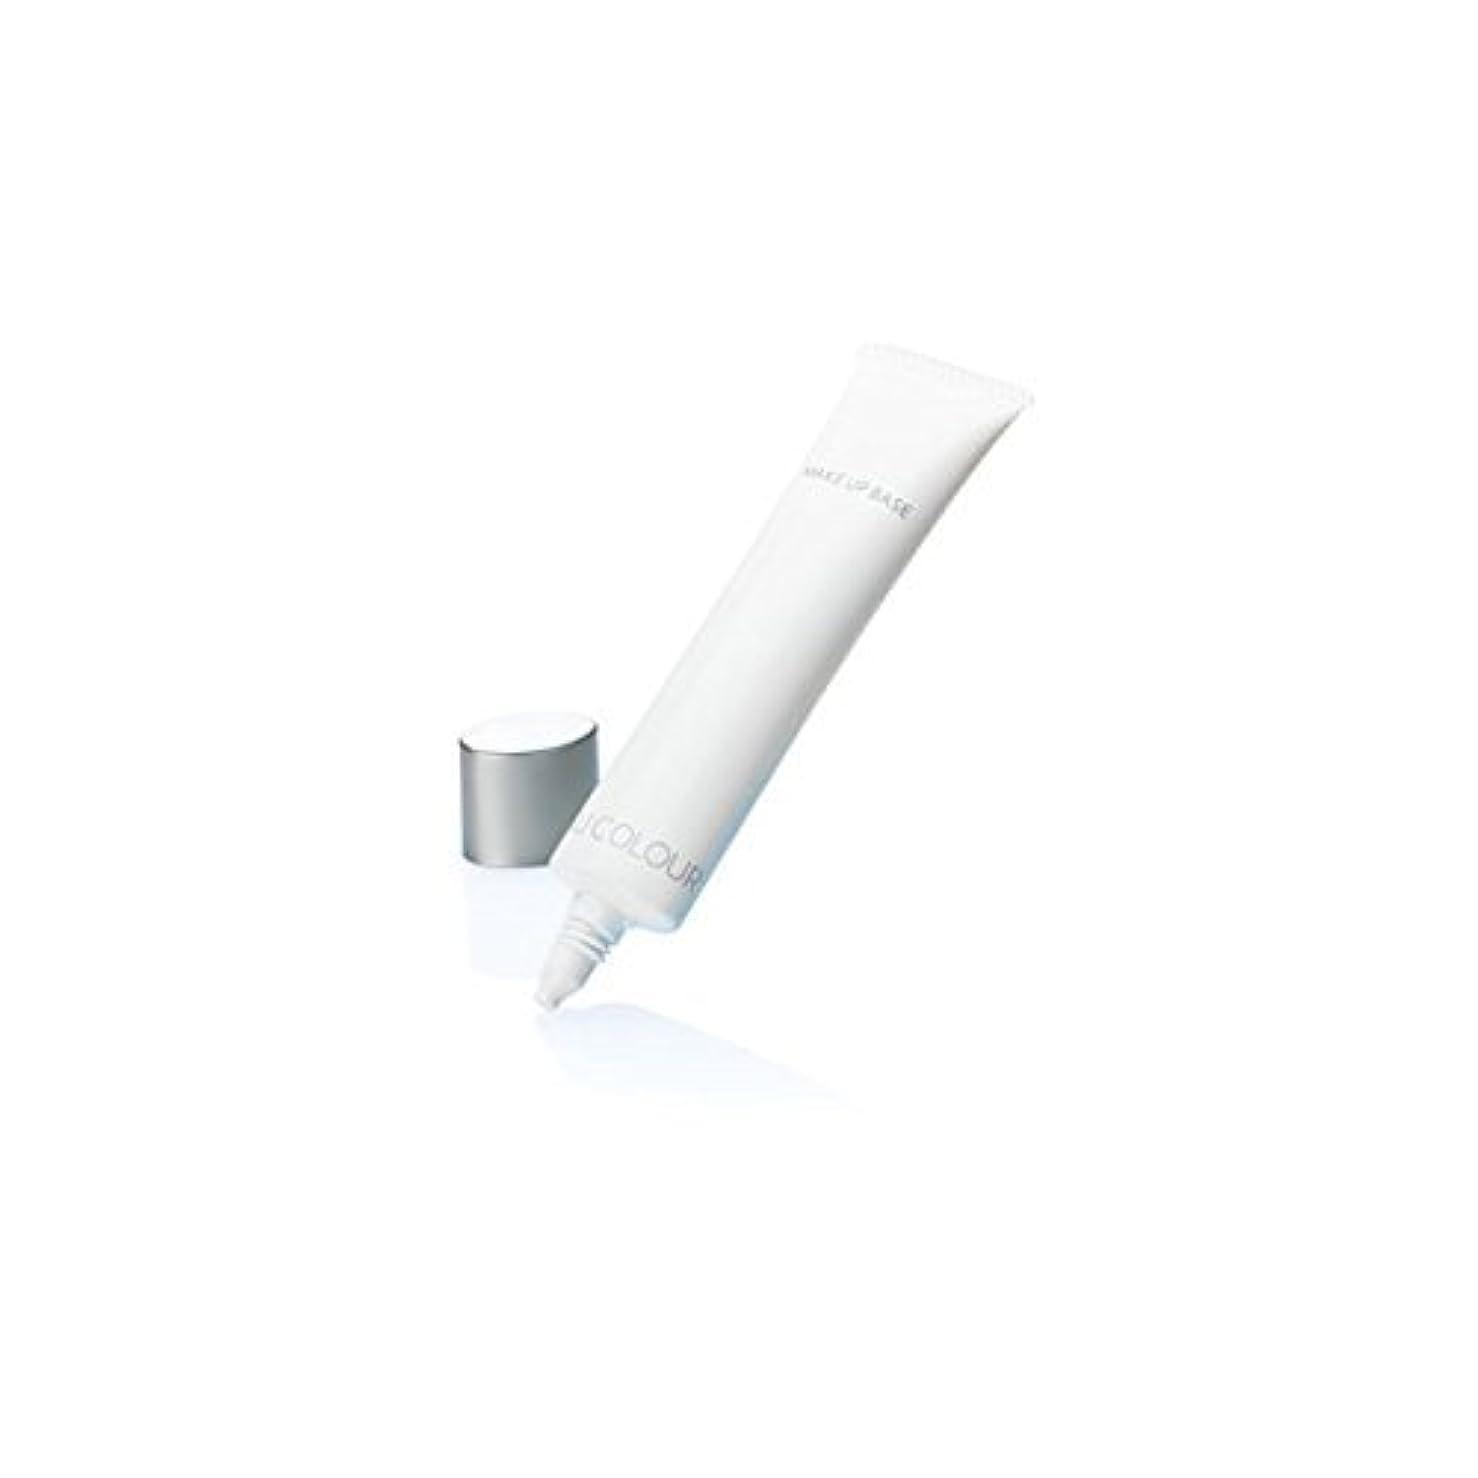 単調なハチ目に見えるニュースキン NU SKIN UV メイクアップ ベース SPF18?PA++ クリア 03160813